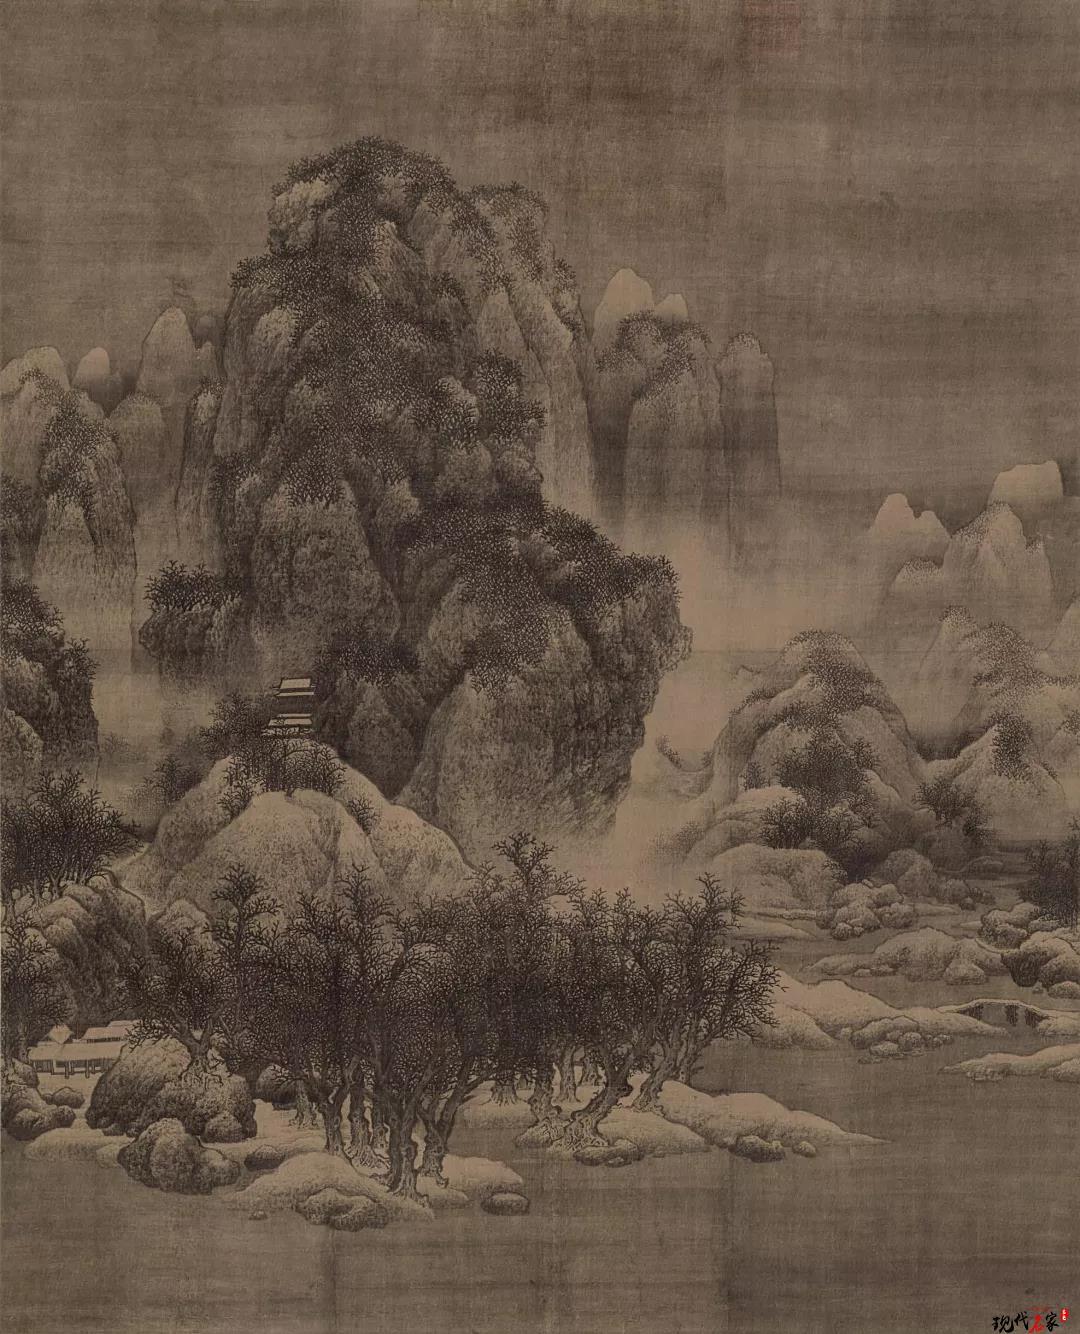 卢禹舜 | 宋代山水画开始注重内心的体验,追求心物圆融的境界-第1张